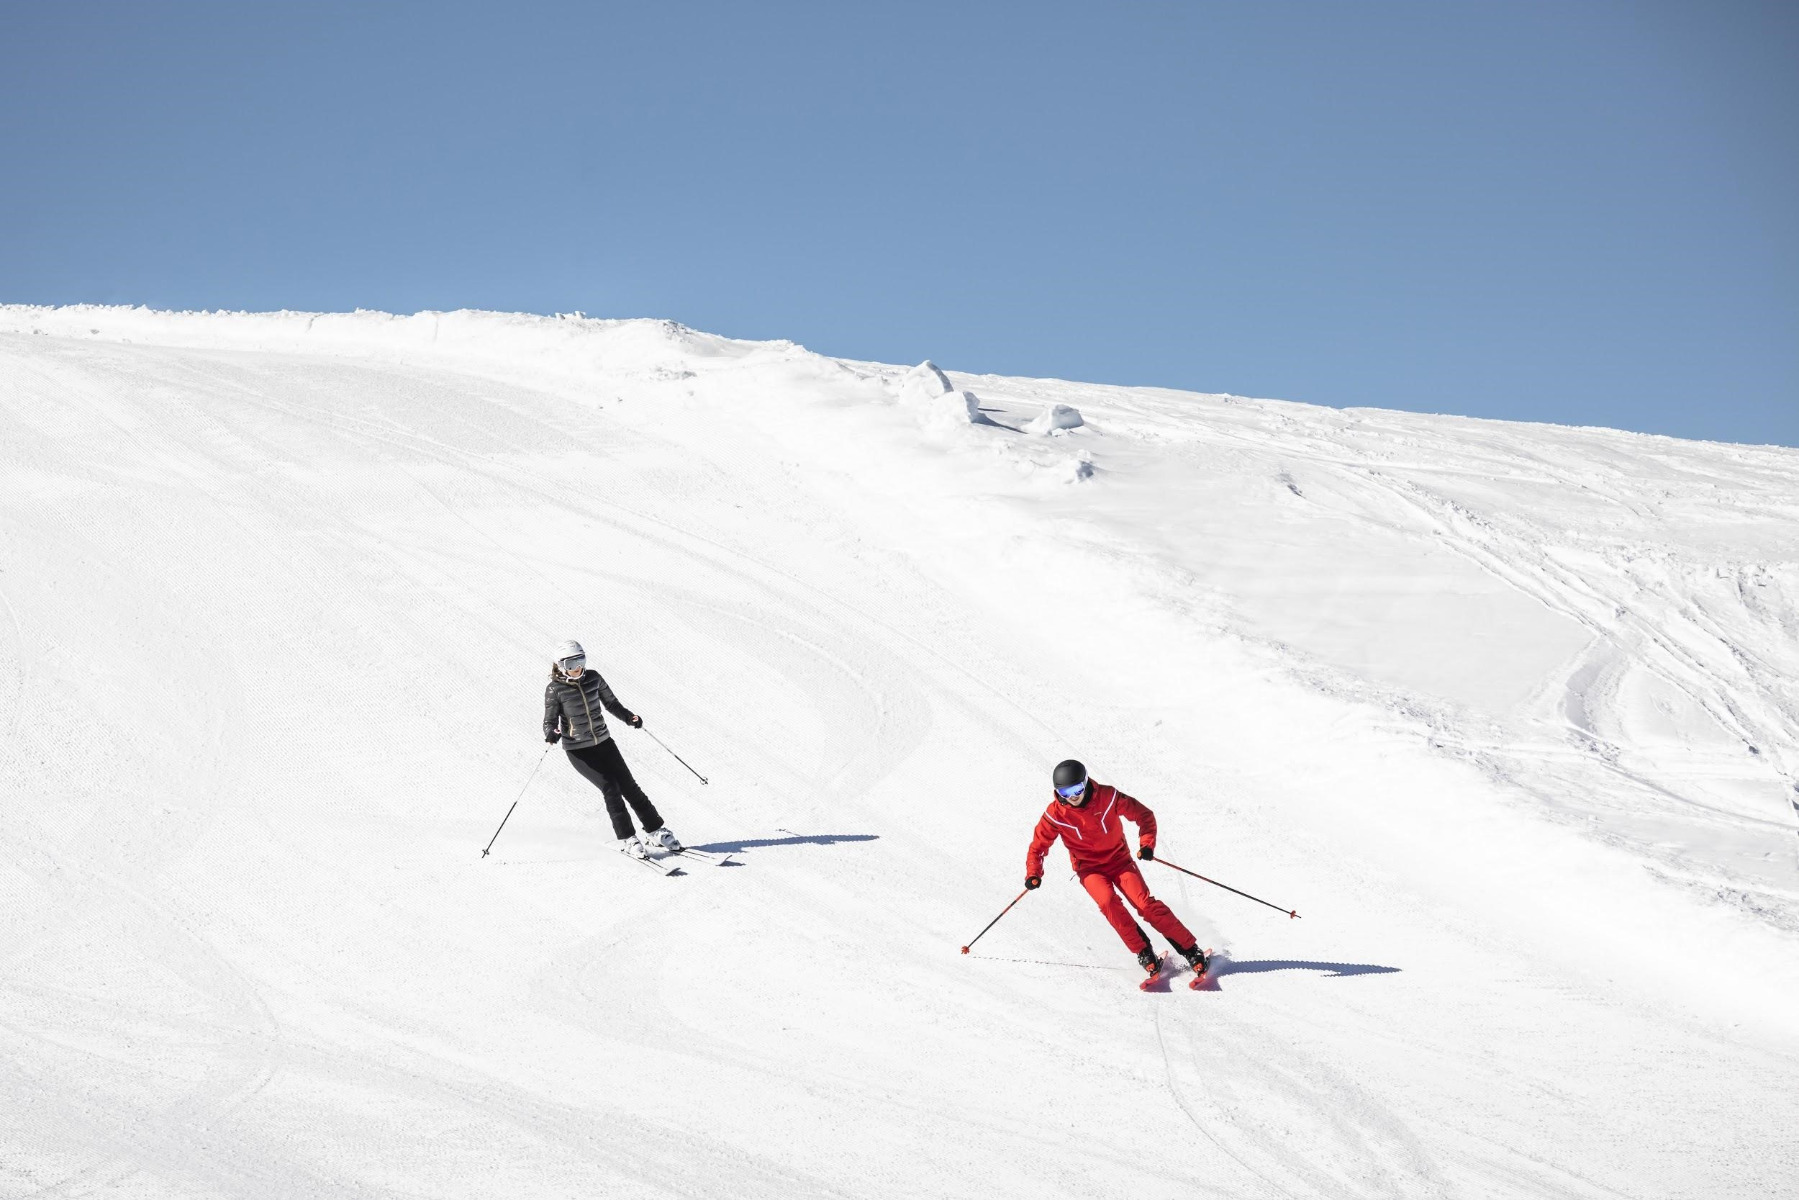 Frühaufsteher oder Langschläfer? Es findet sich für jeden der passende Skikurs!